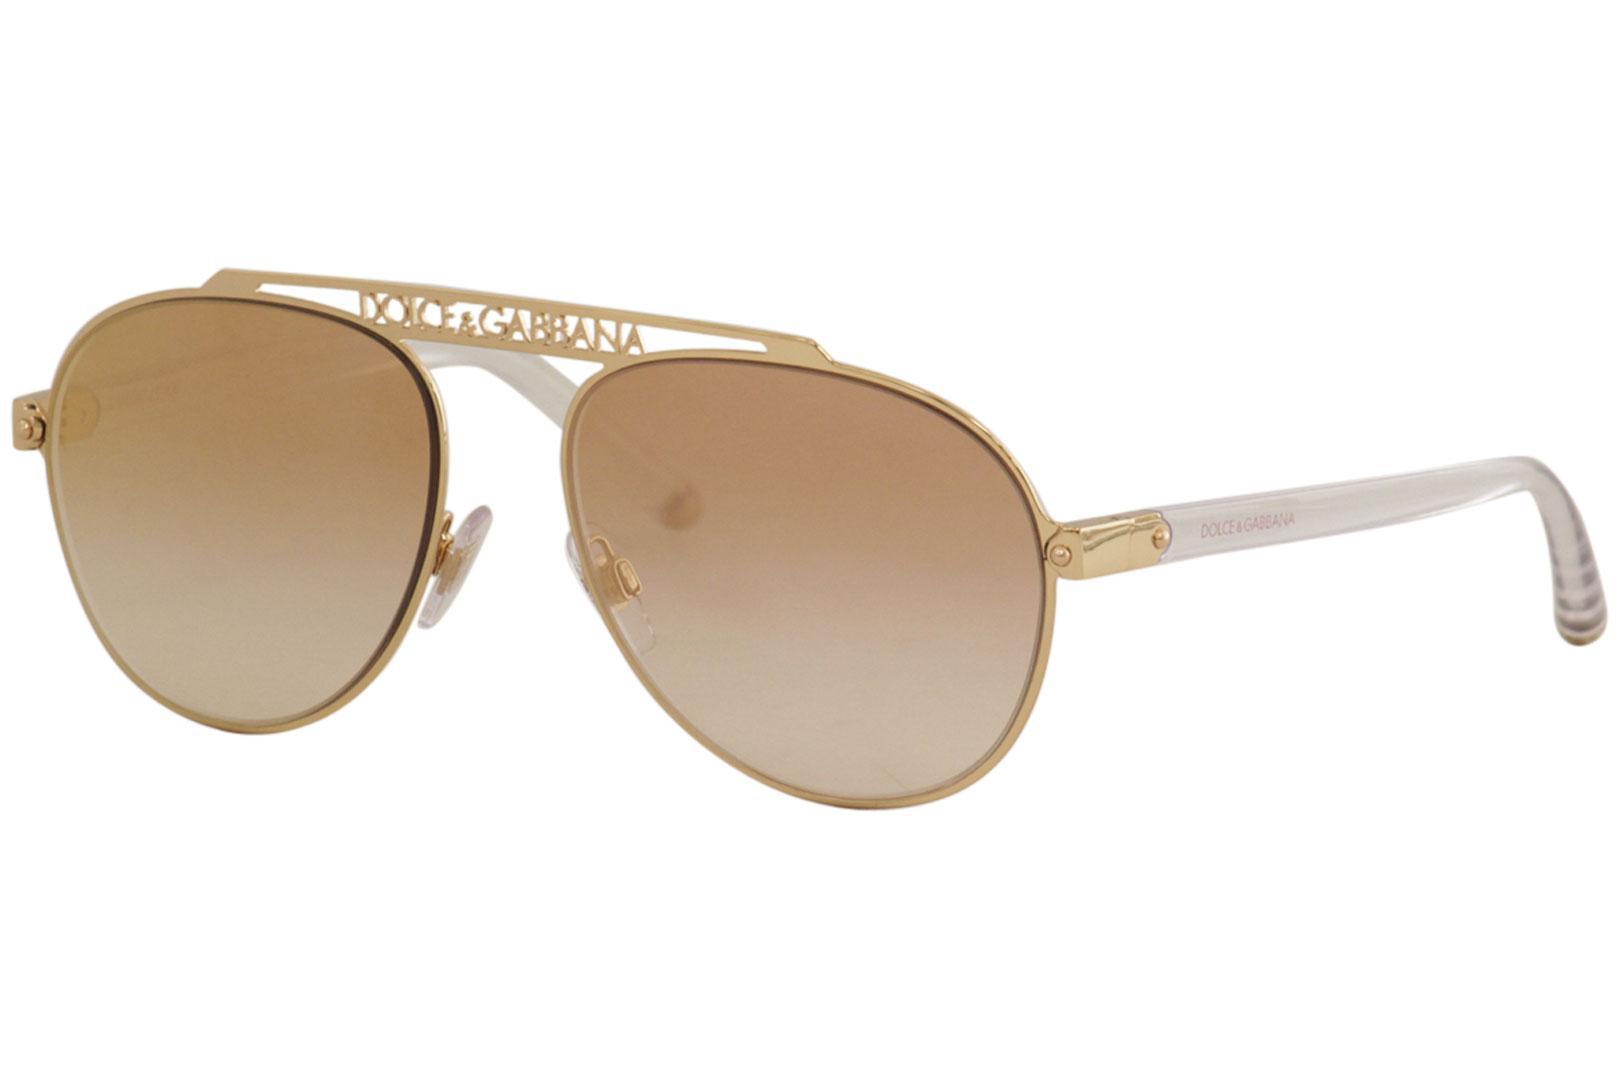 3357a02d6000 Dolce & Gabbana Women's D&G DG2235 DG/2235 Fashion Pilot Sunglasses